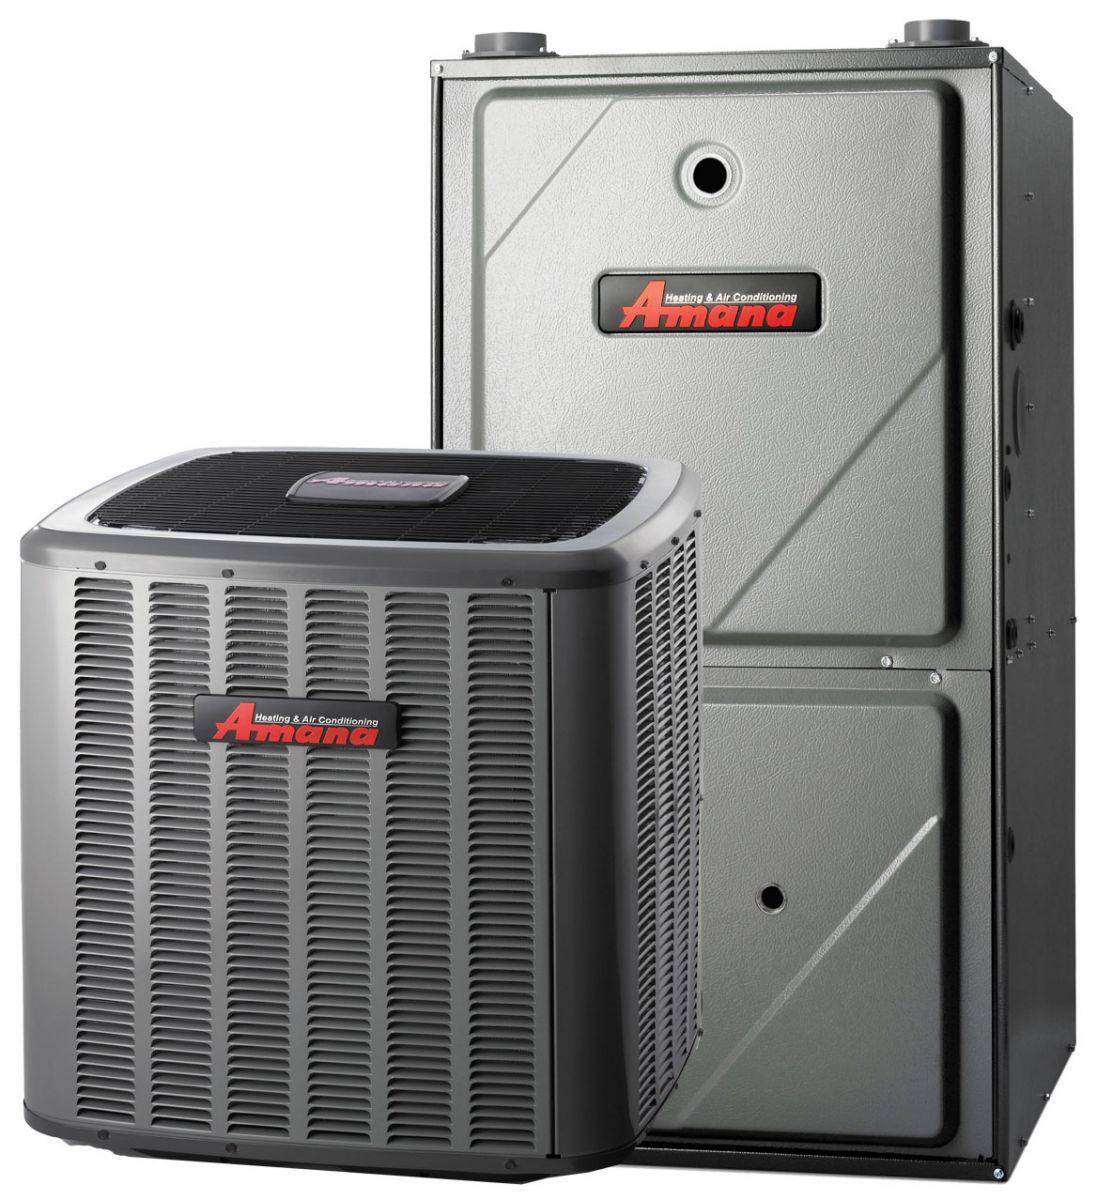 The Advantages Of Photo voltaic Panels For Your Enterprise